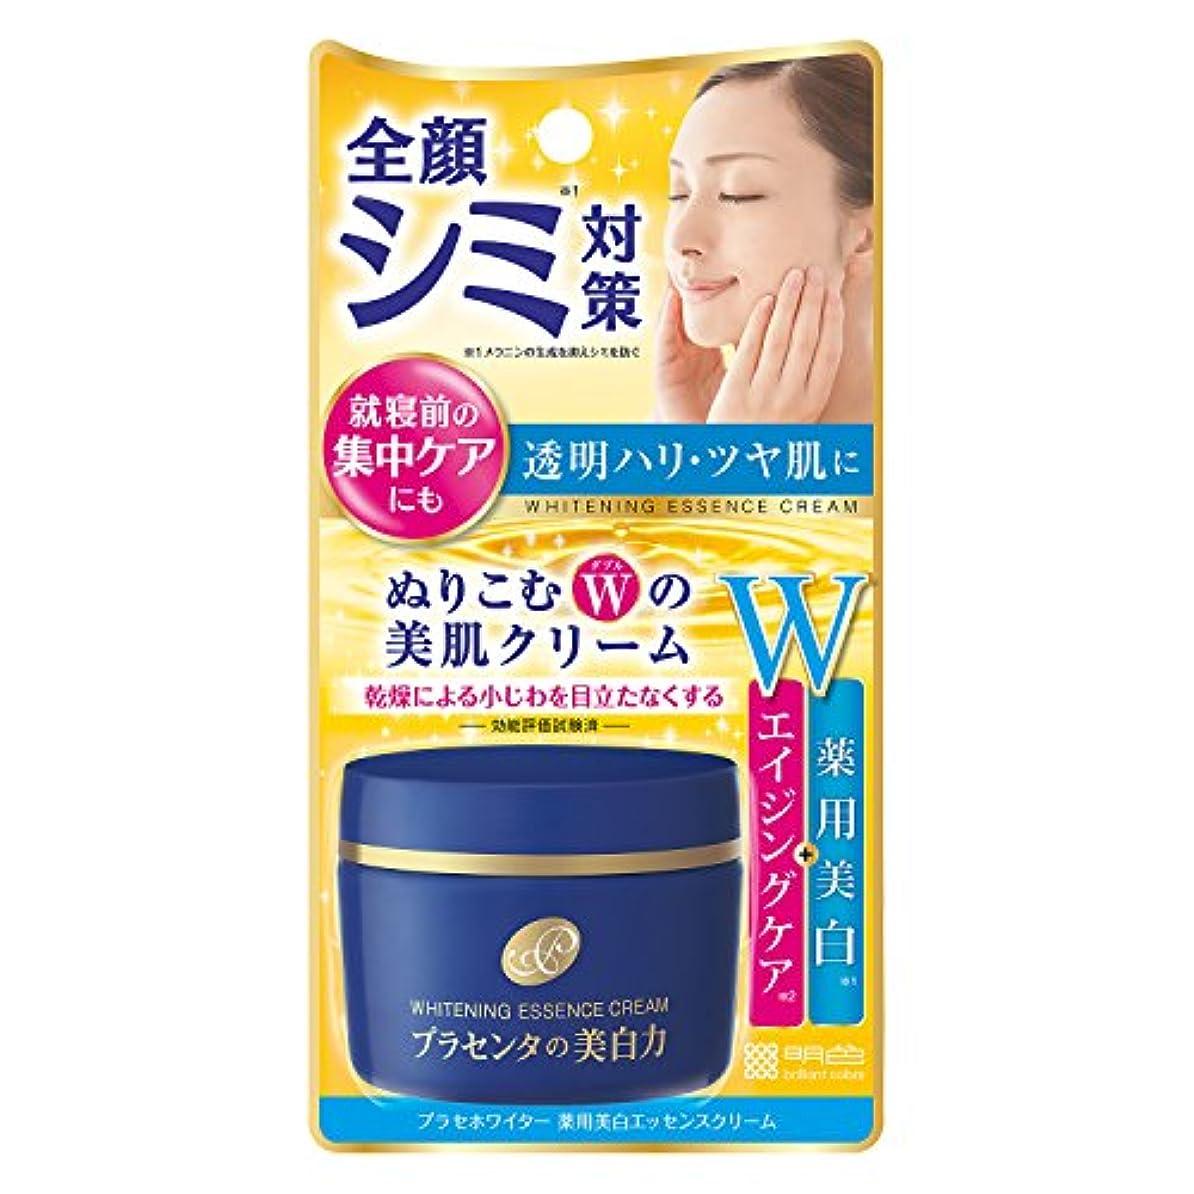 きらめく眼実用的プラセホワイター 薬用美白エッセンスクリーム